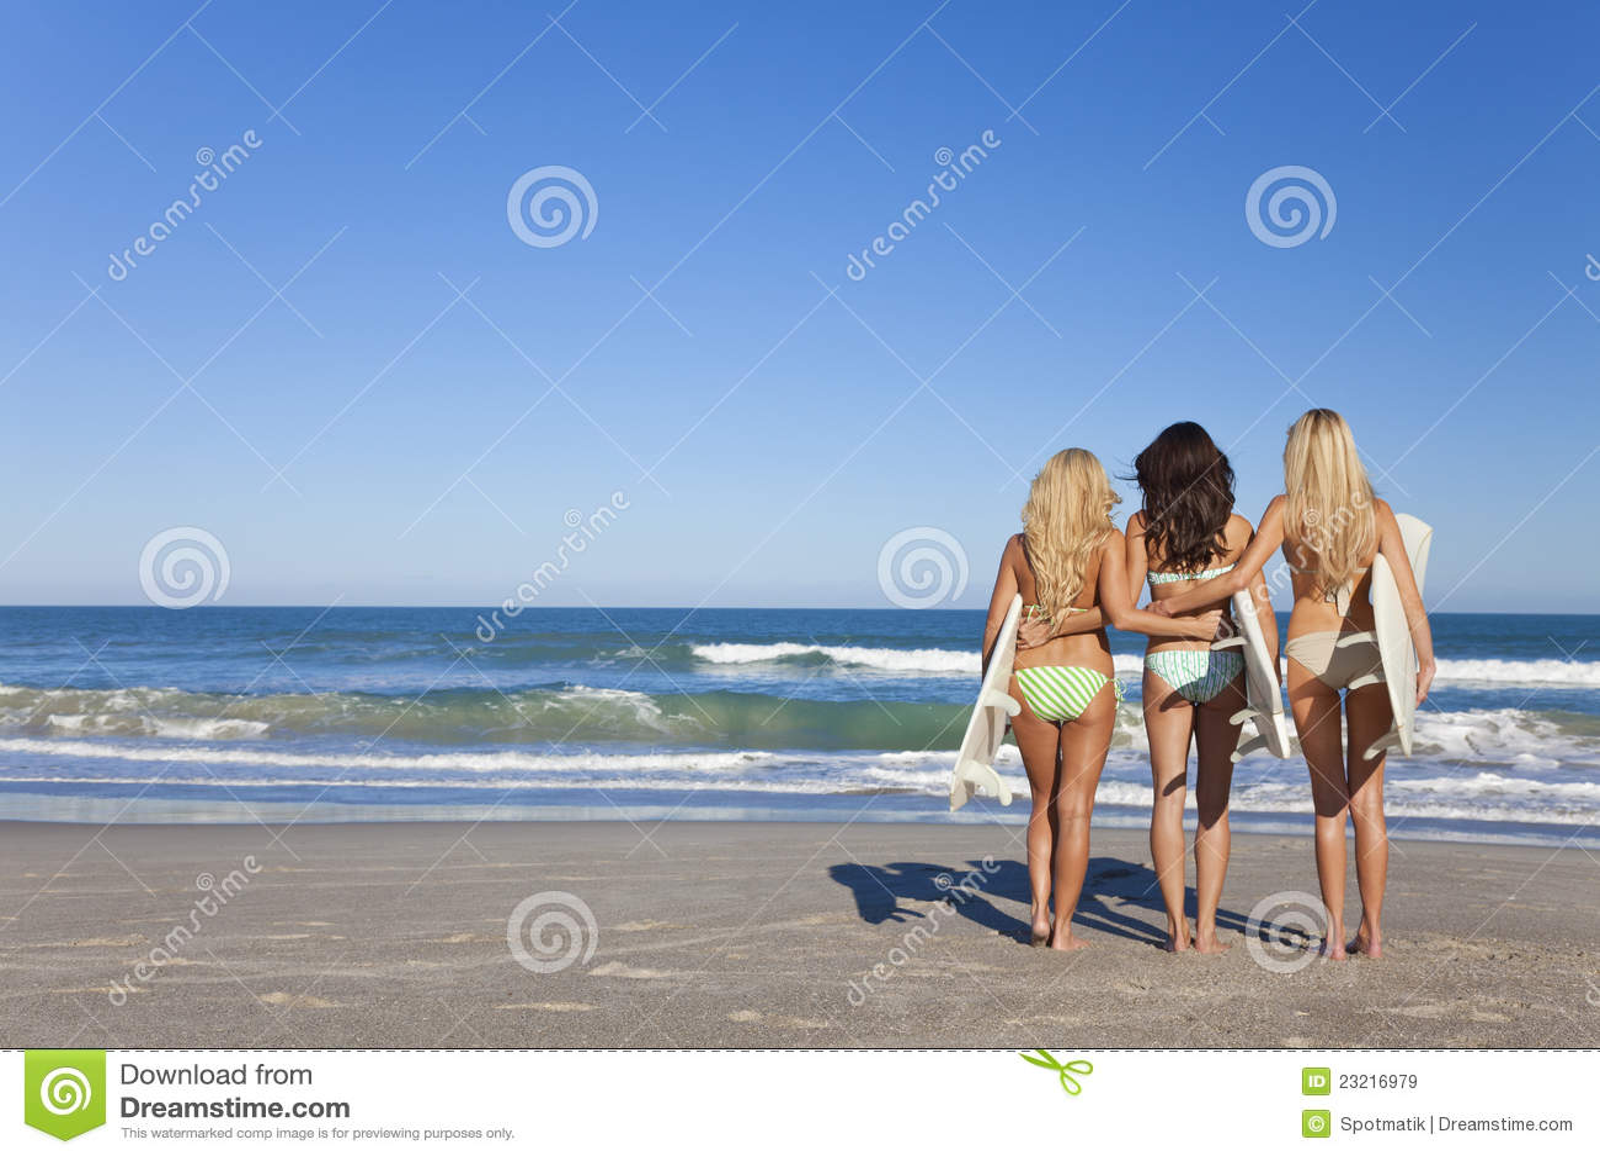 Drie Vrouwen Surfers in het Strand van de Surfplanken van Bikinis